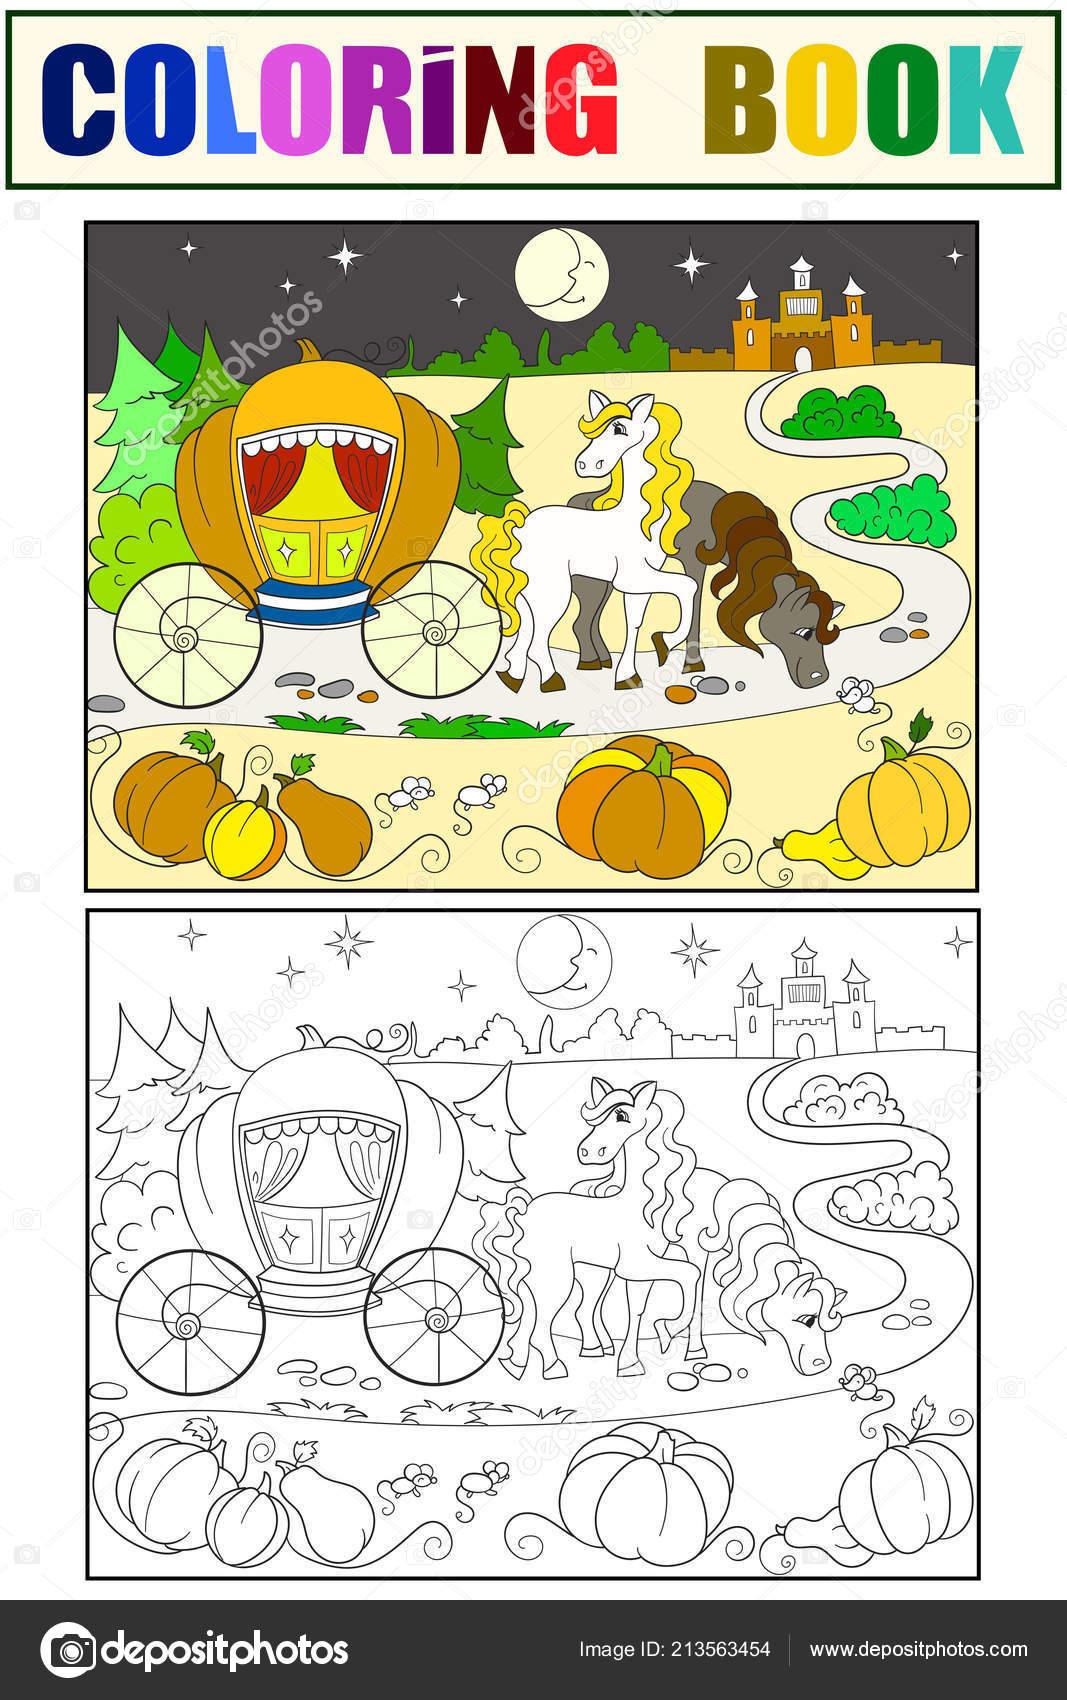 Kleurplaten Assepoester Sprookje.Assepoester Sprookje Boek Kleurplaten Voor Kinderen Cartoon Raster